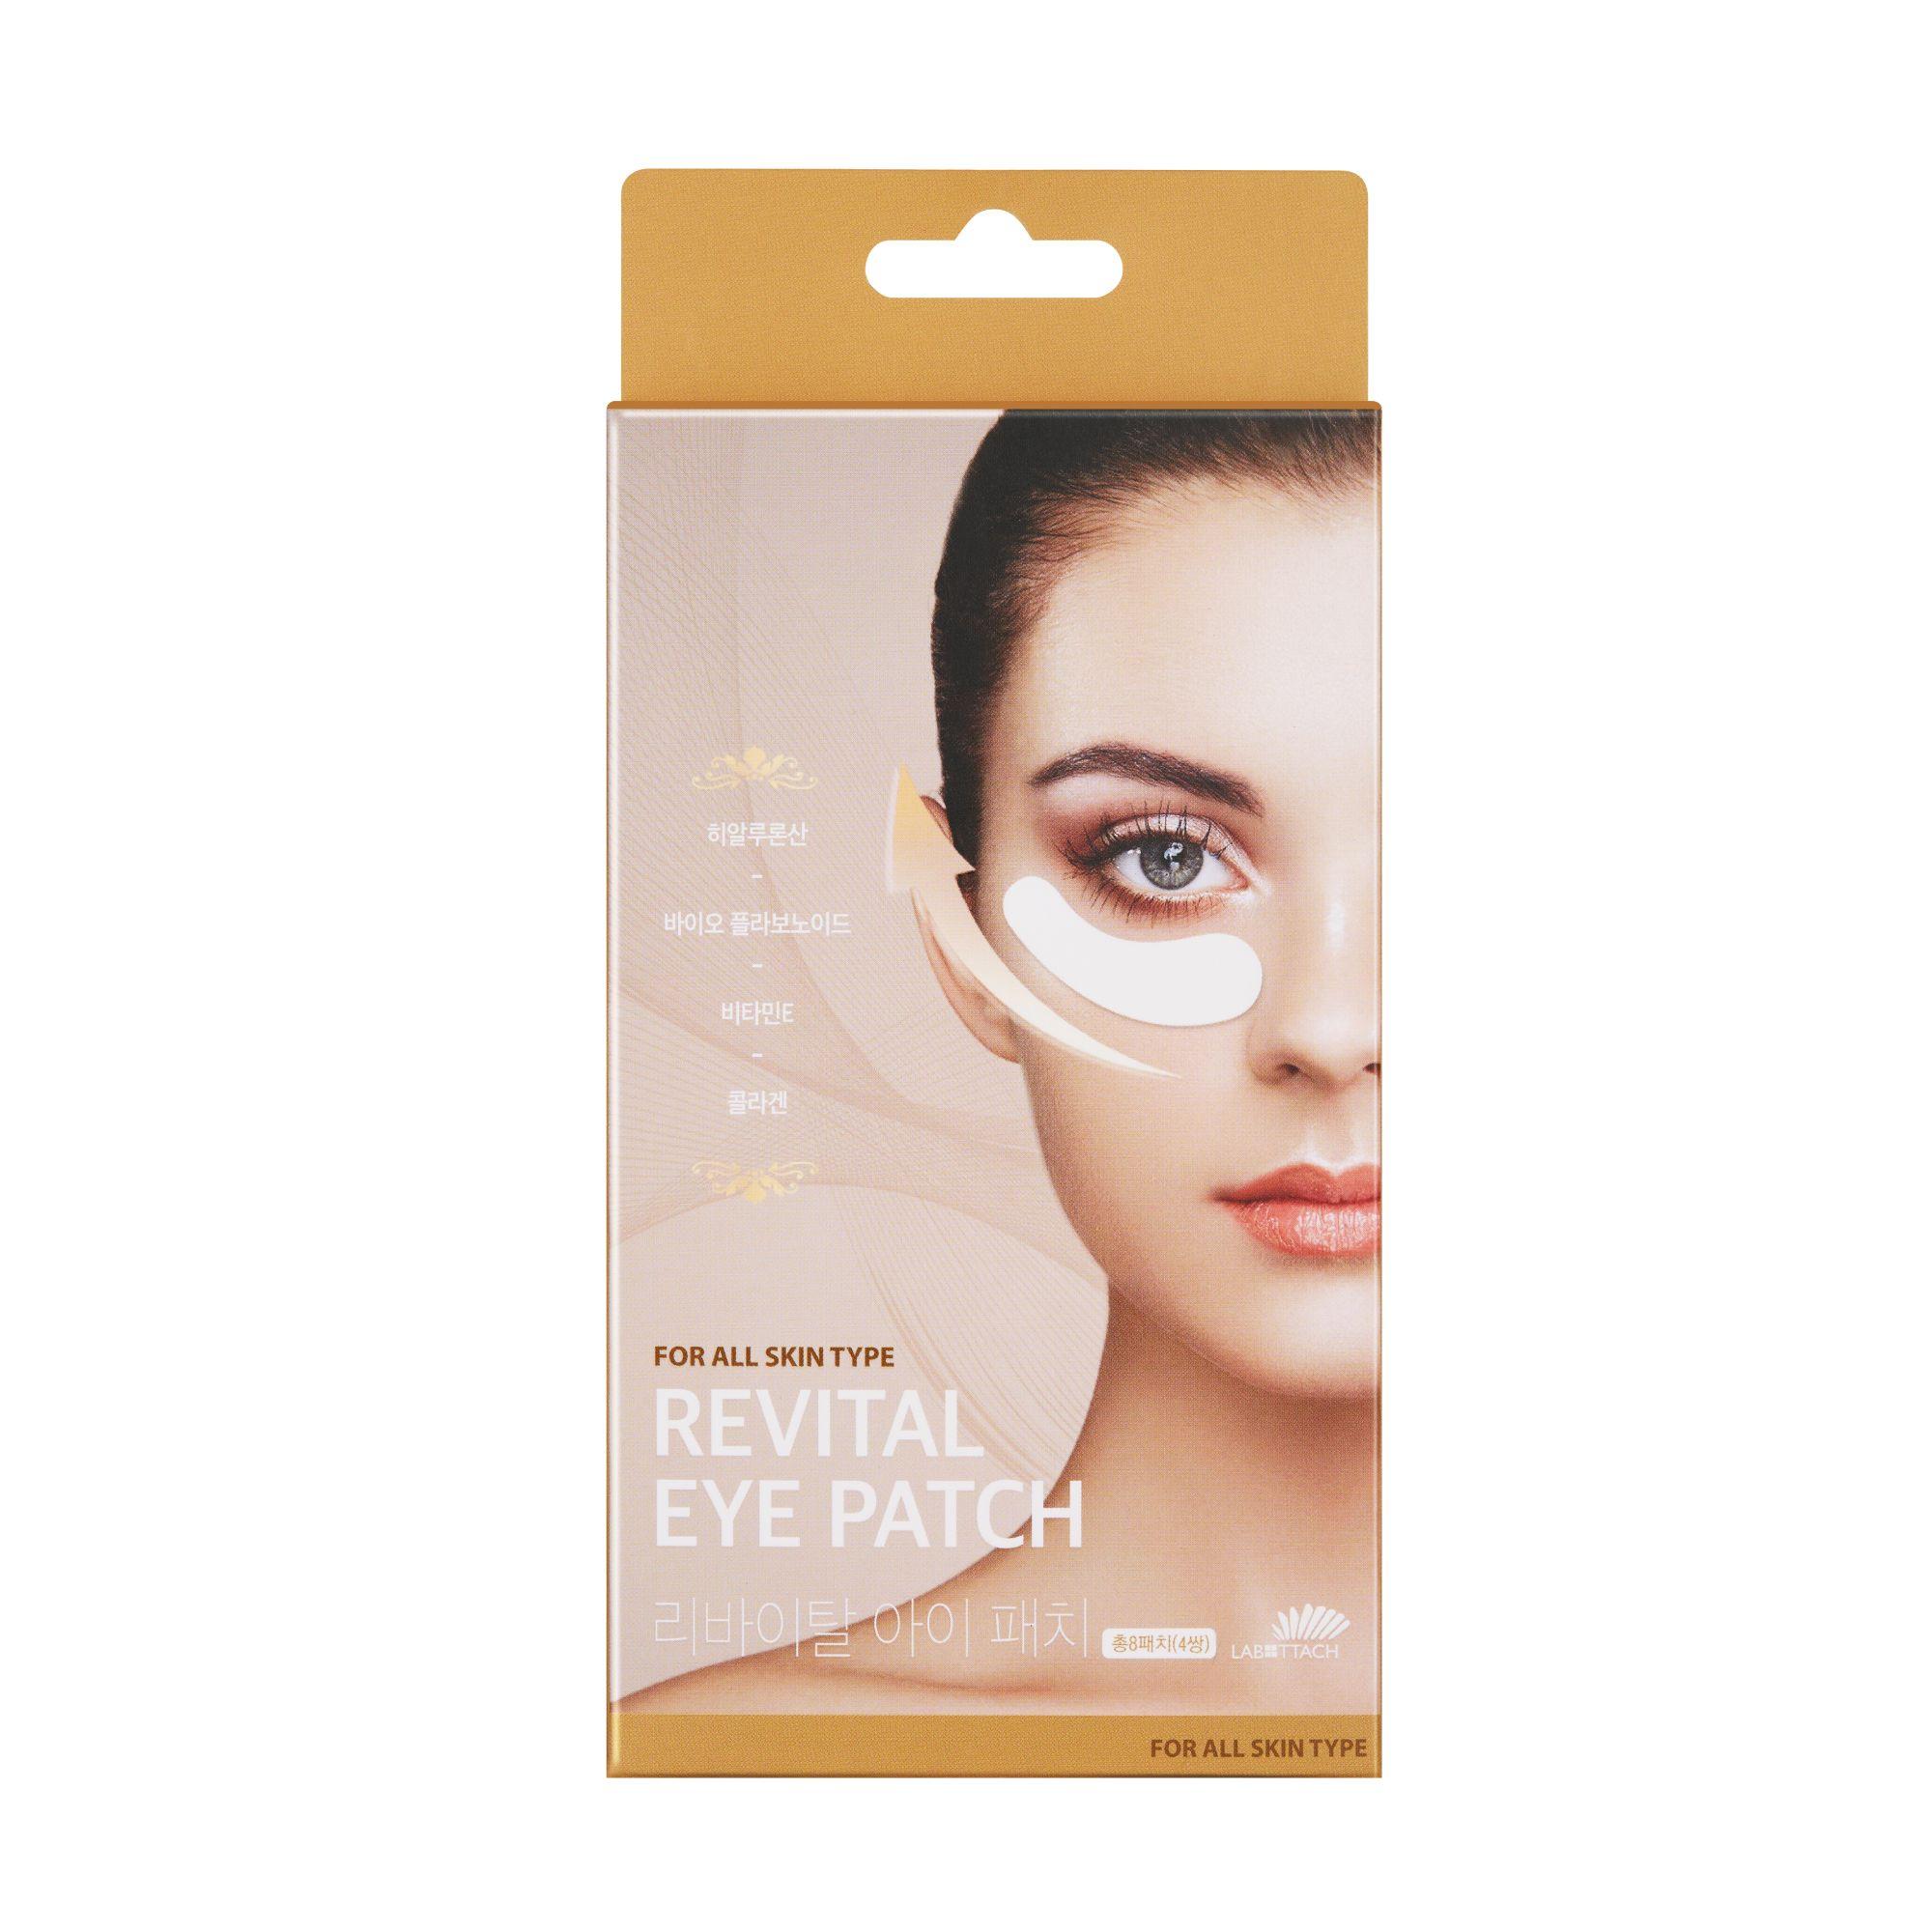 Revitalization Eye Patch